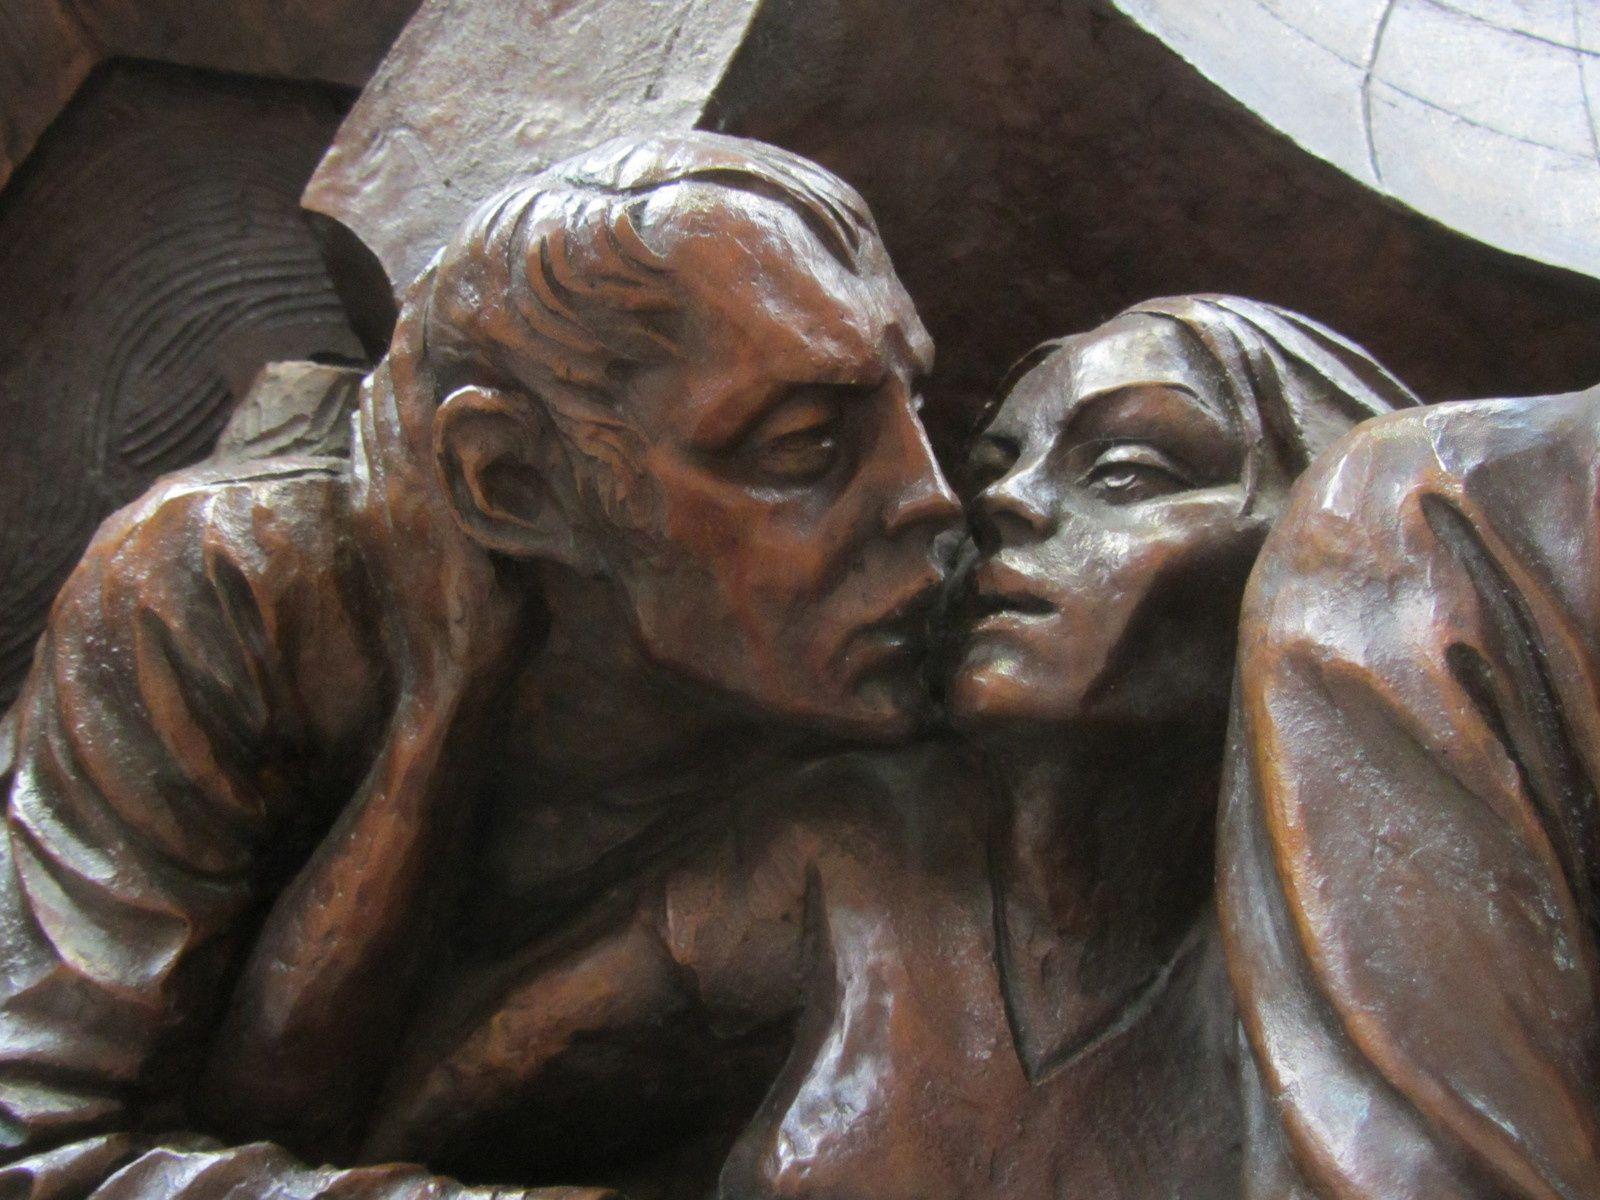 Sur le socle, on retrouve nos amoureux qui échangent un baiser.